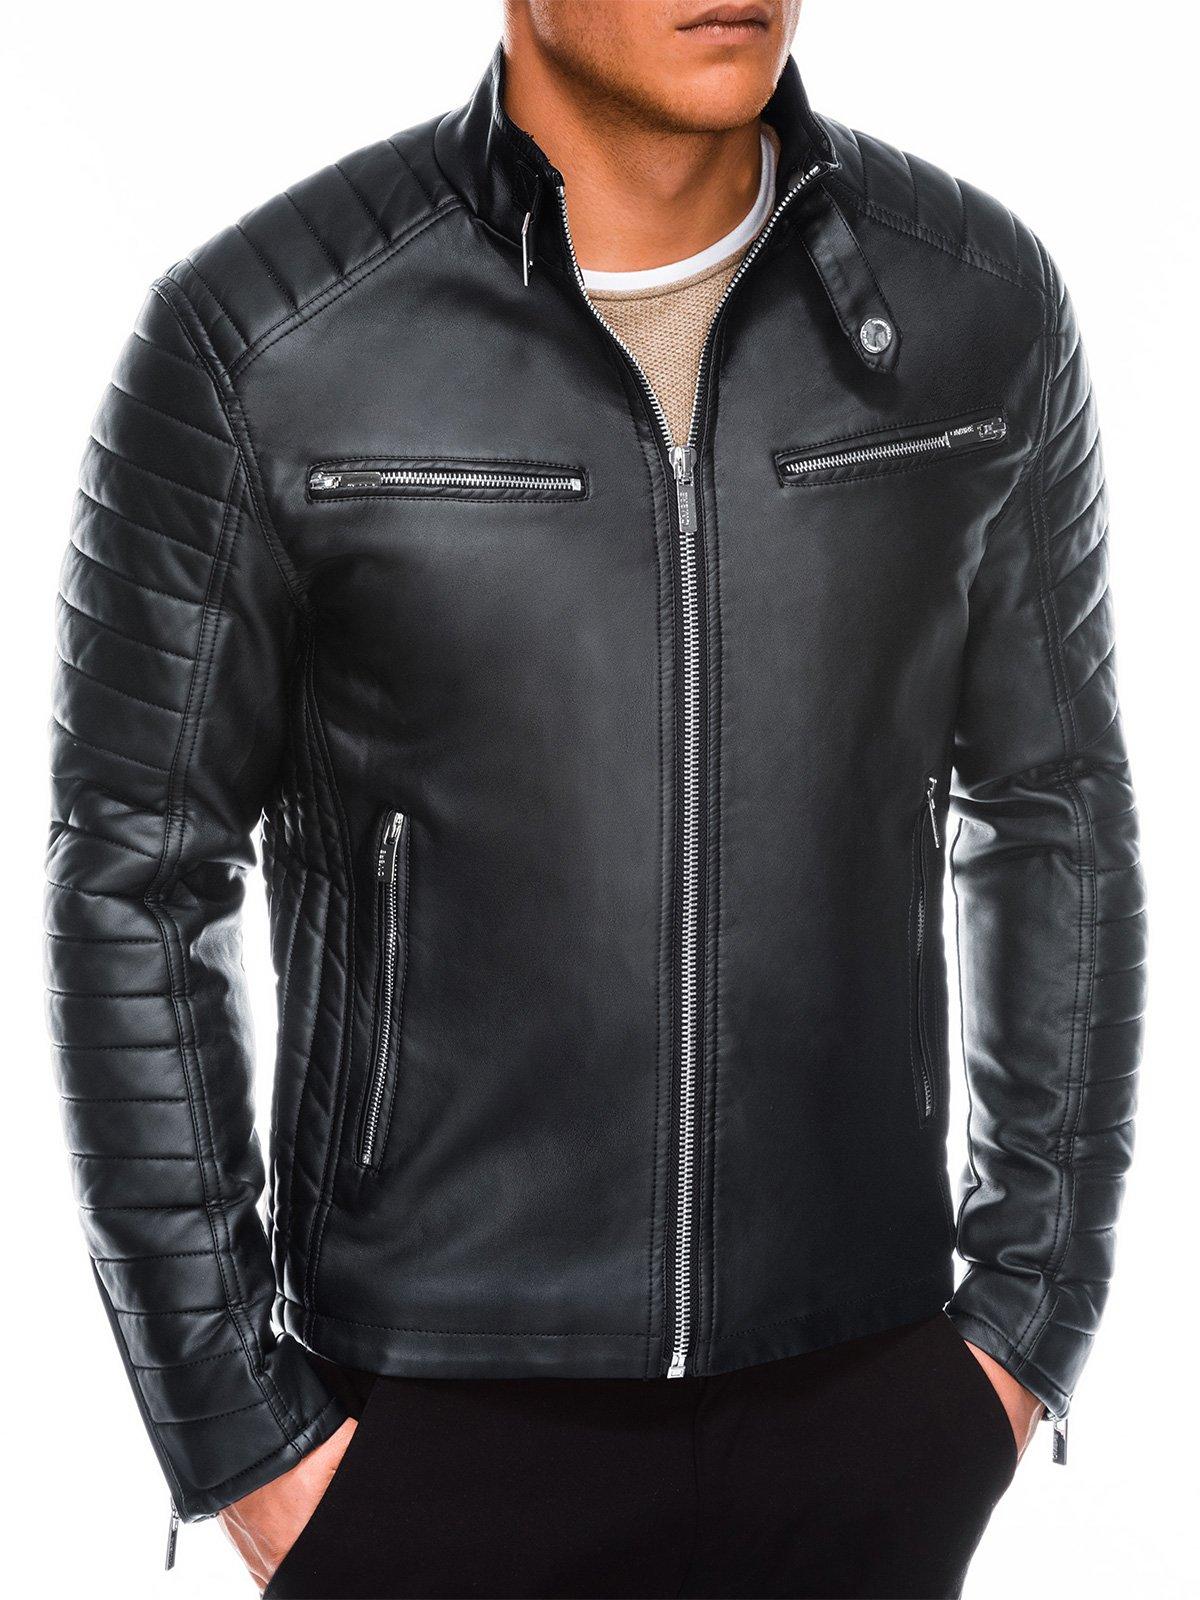 Купить со скидкой Чоловіча мотоциклетна куртка C414 - чорна